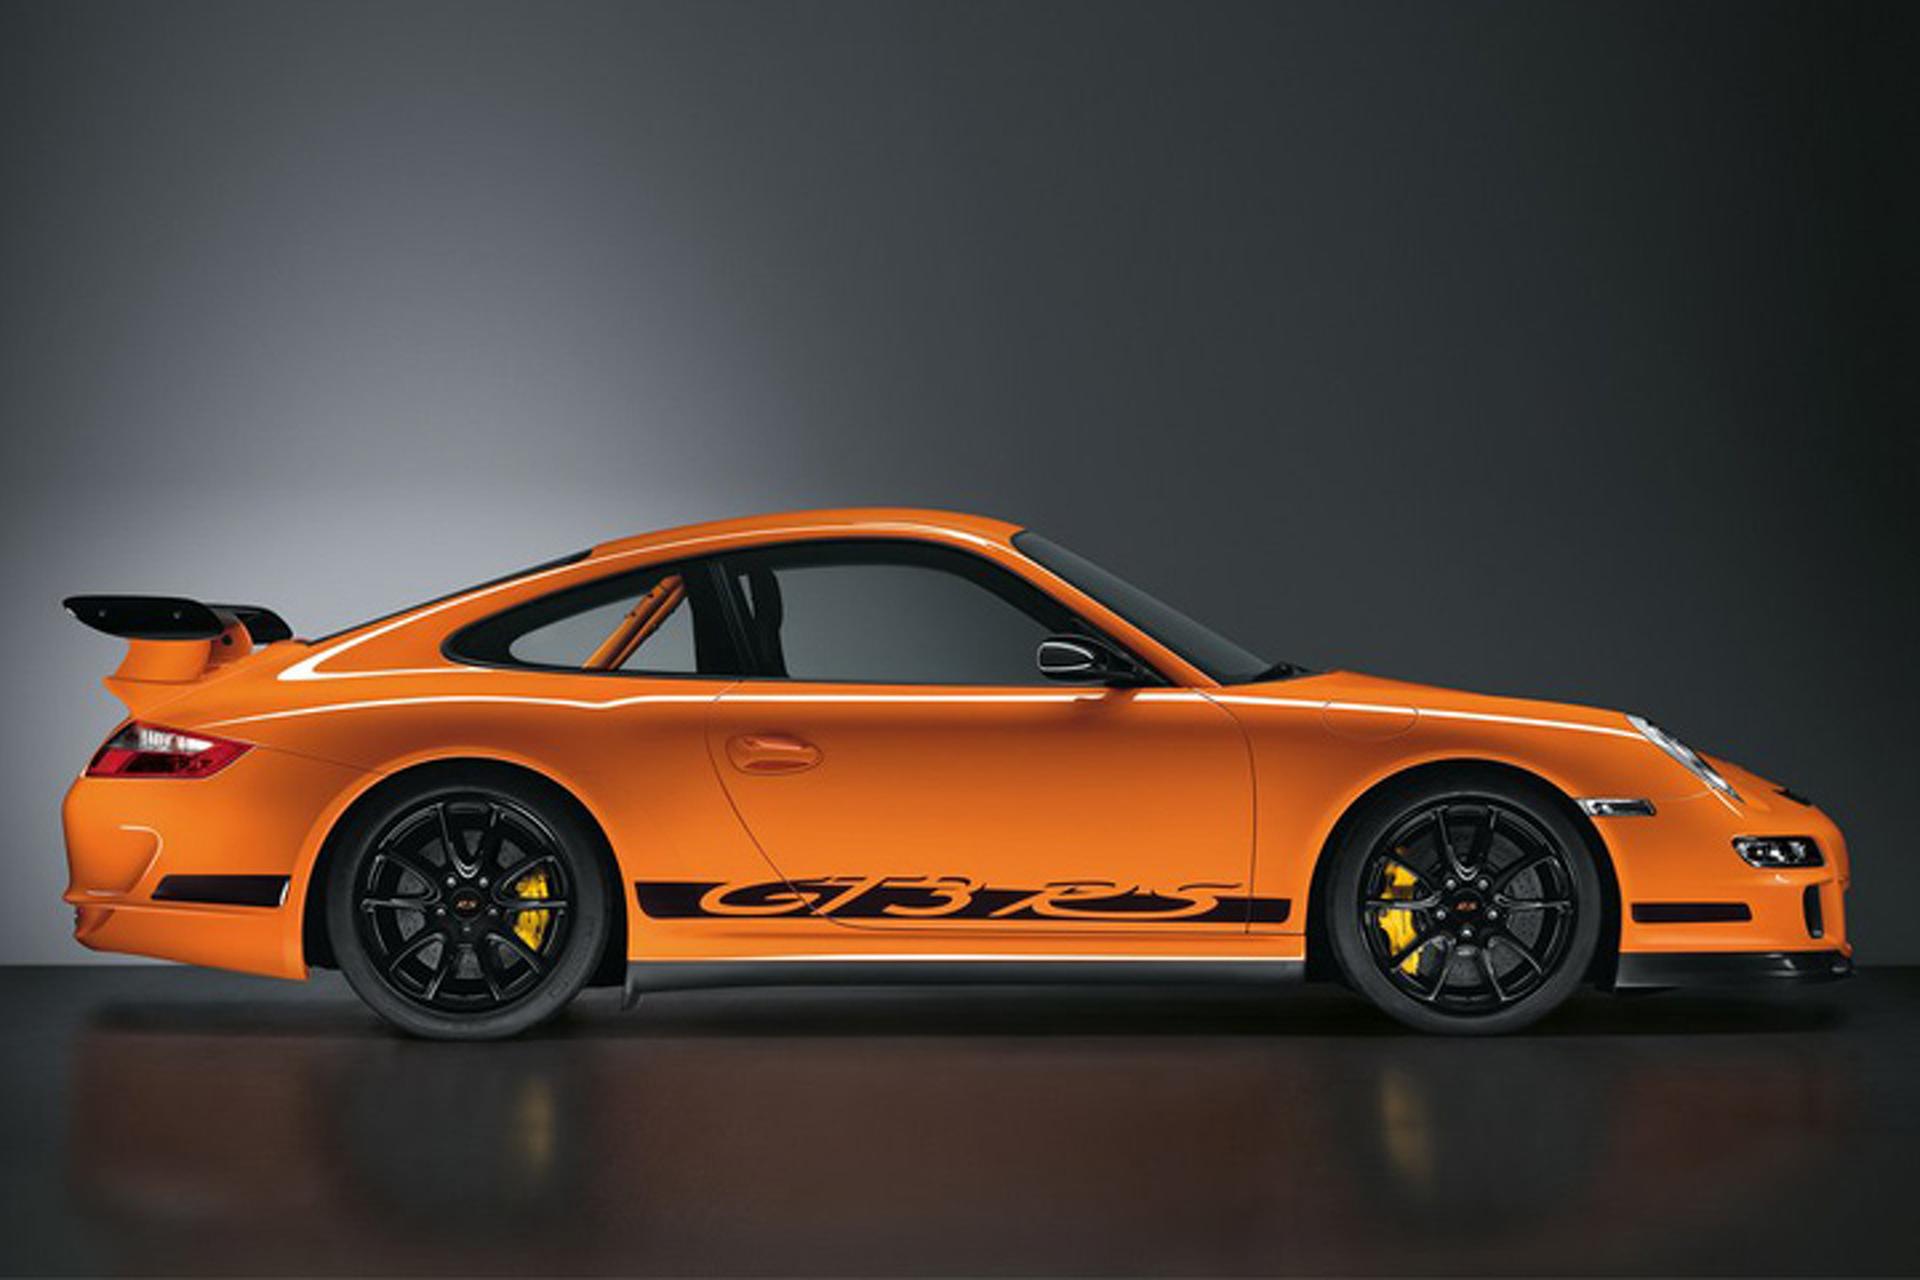 Porsche 911 gt3 rs review 2017 autocar - Porsche 911 Gt3 Rs Review 2017 Autocar 43